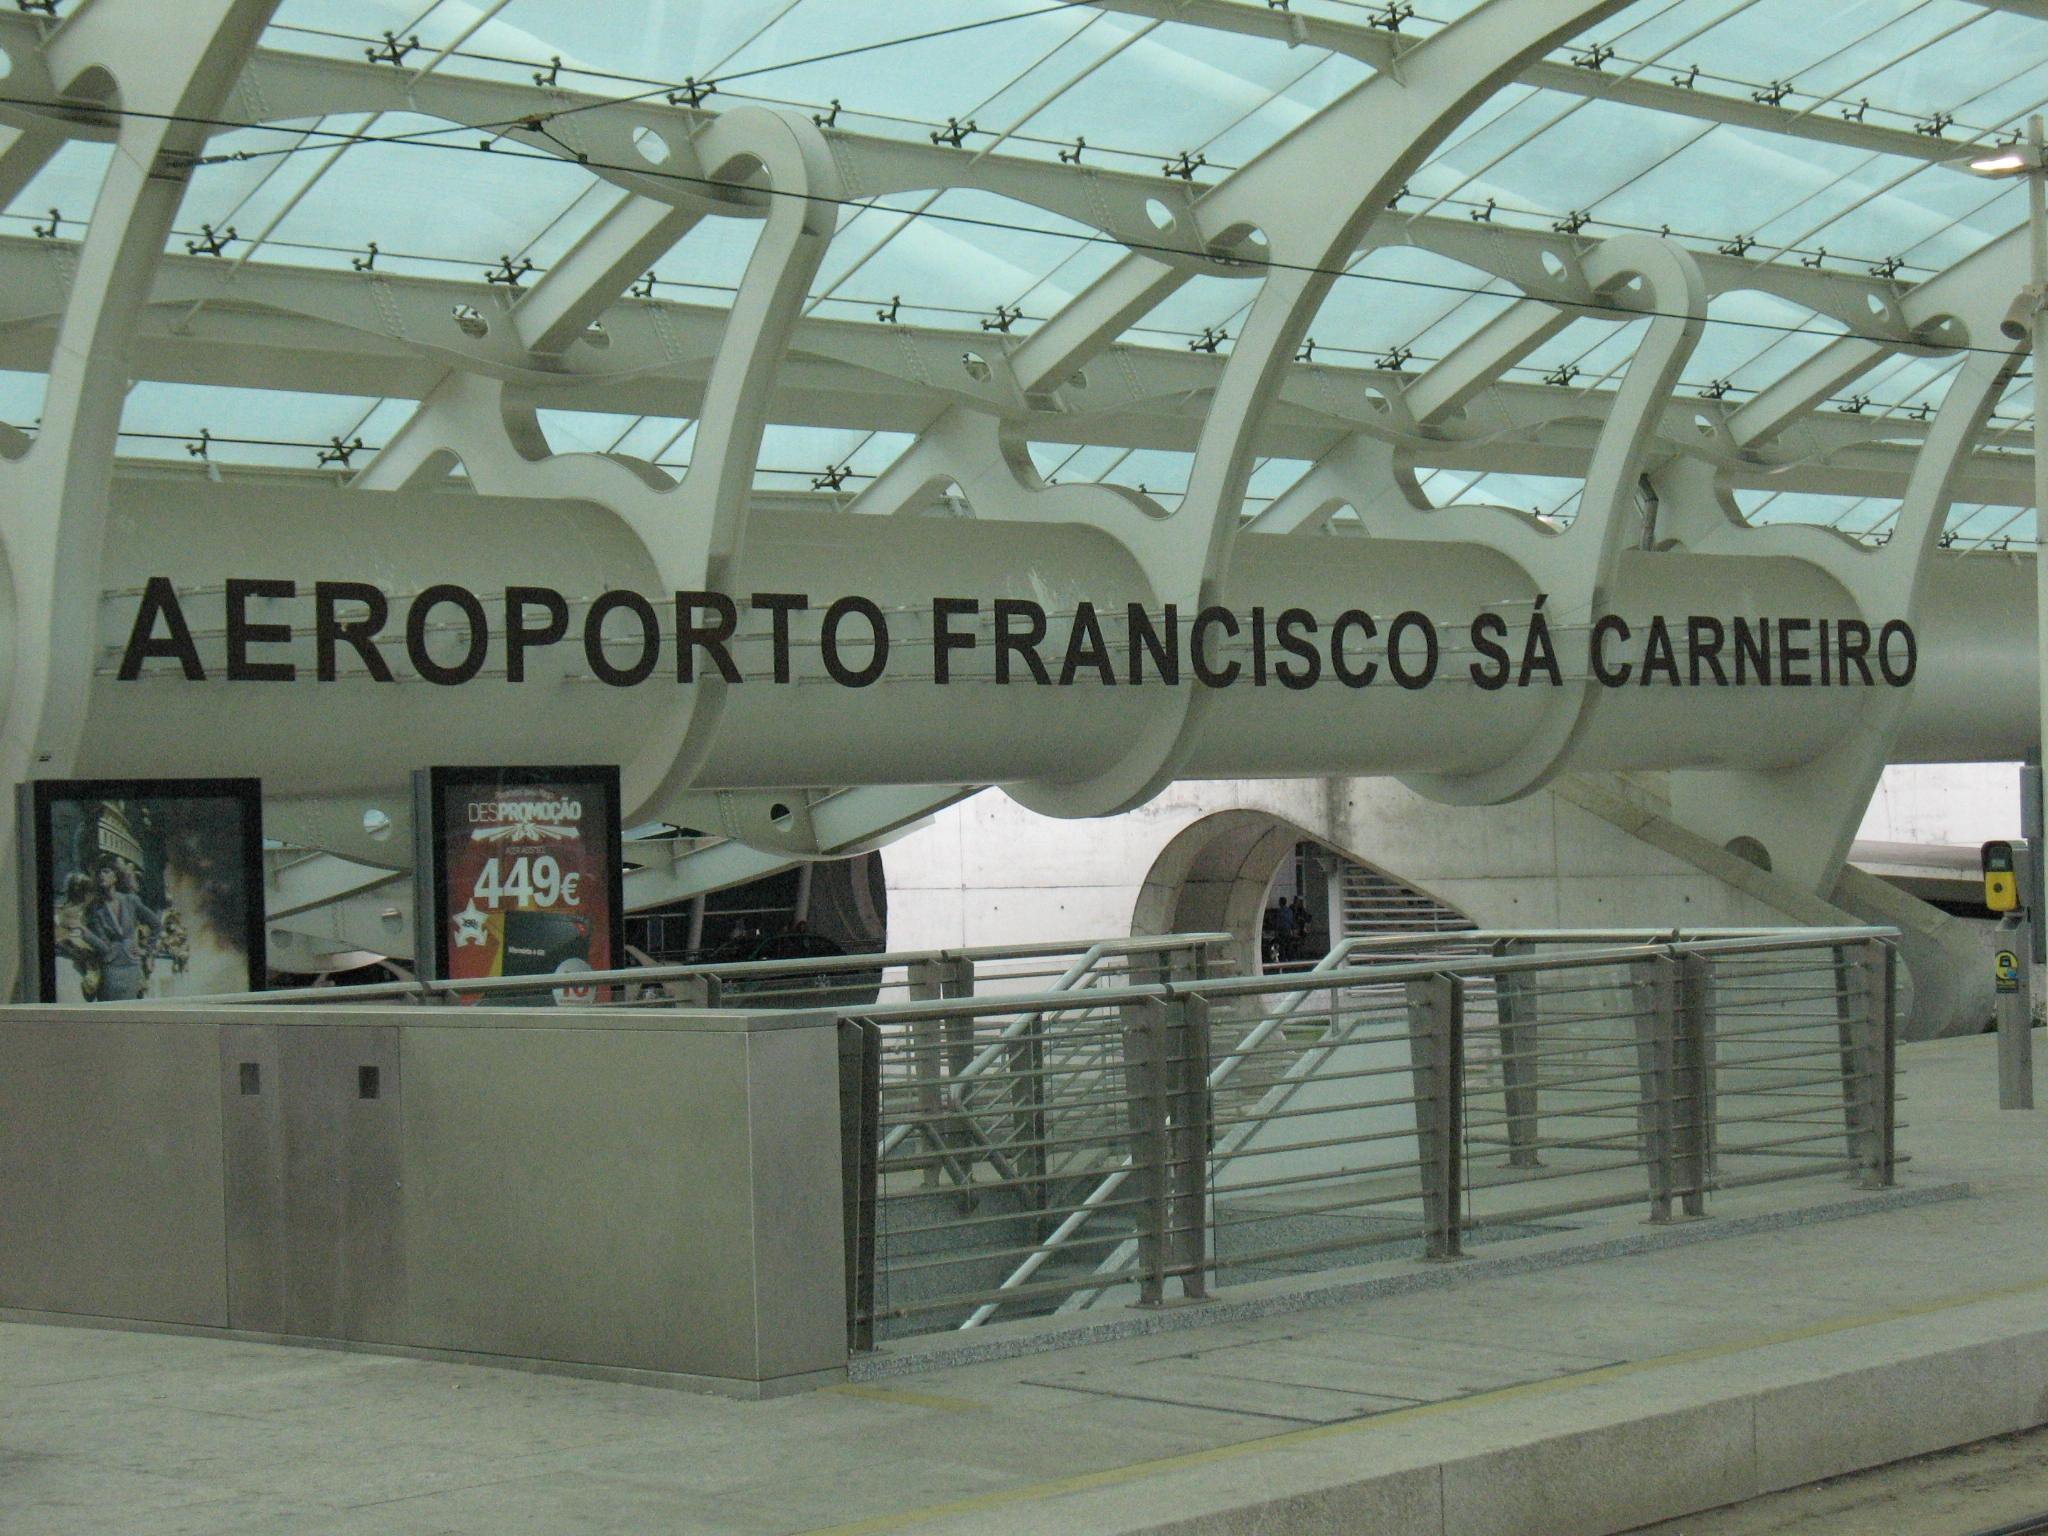 Aeroporto Do : Viracopos é eleito pela ª vez o melhor aeroporto do brasil